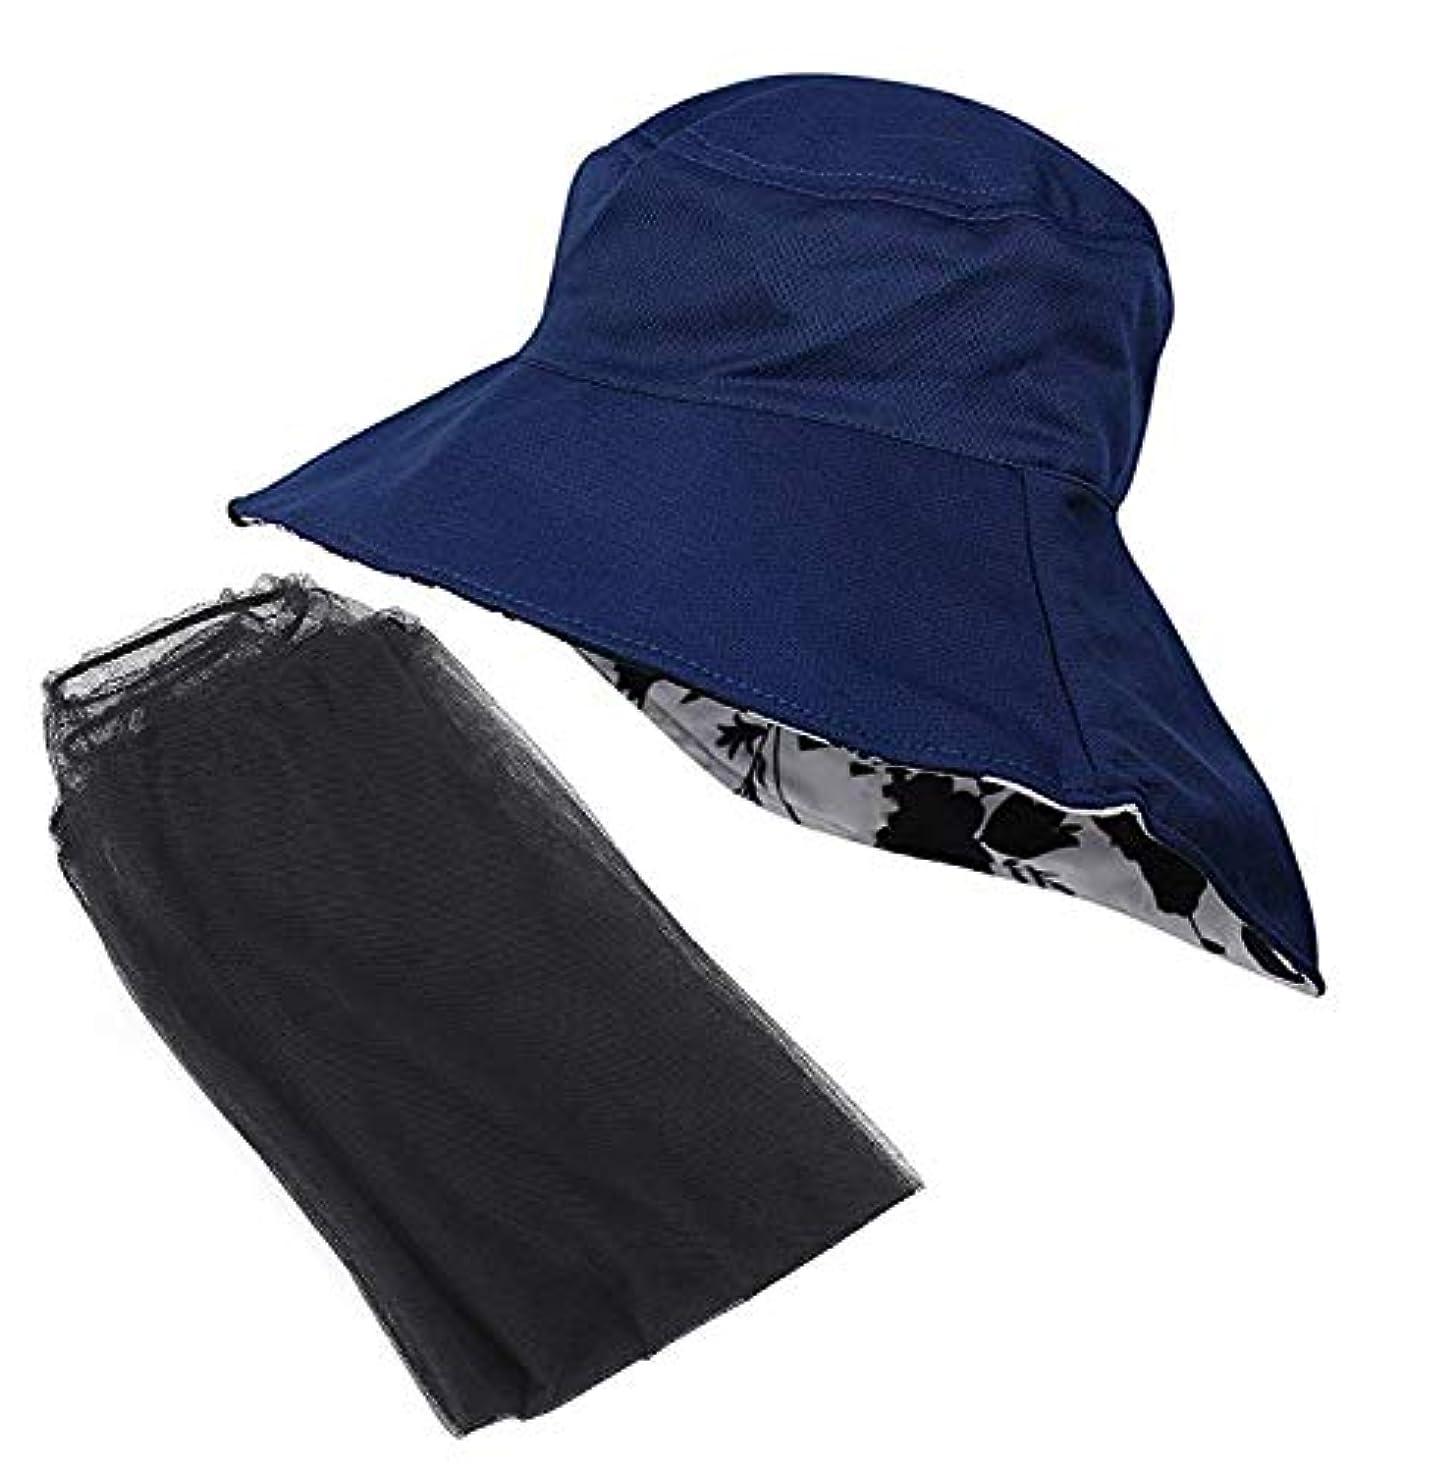 独立まろやかなポータブルガーデニングハット虫除けネット付き帽子 つば広 取り外し可能 あご紐 防虫ネット